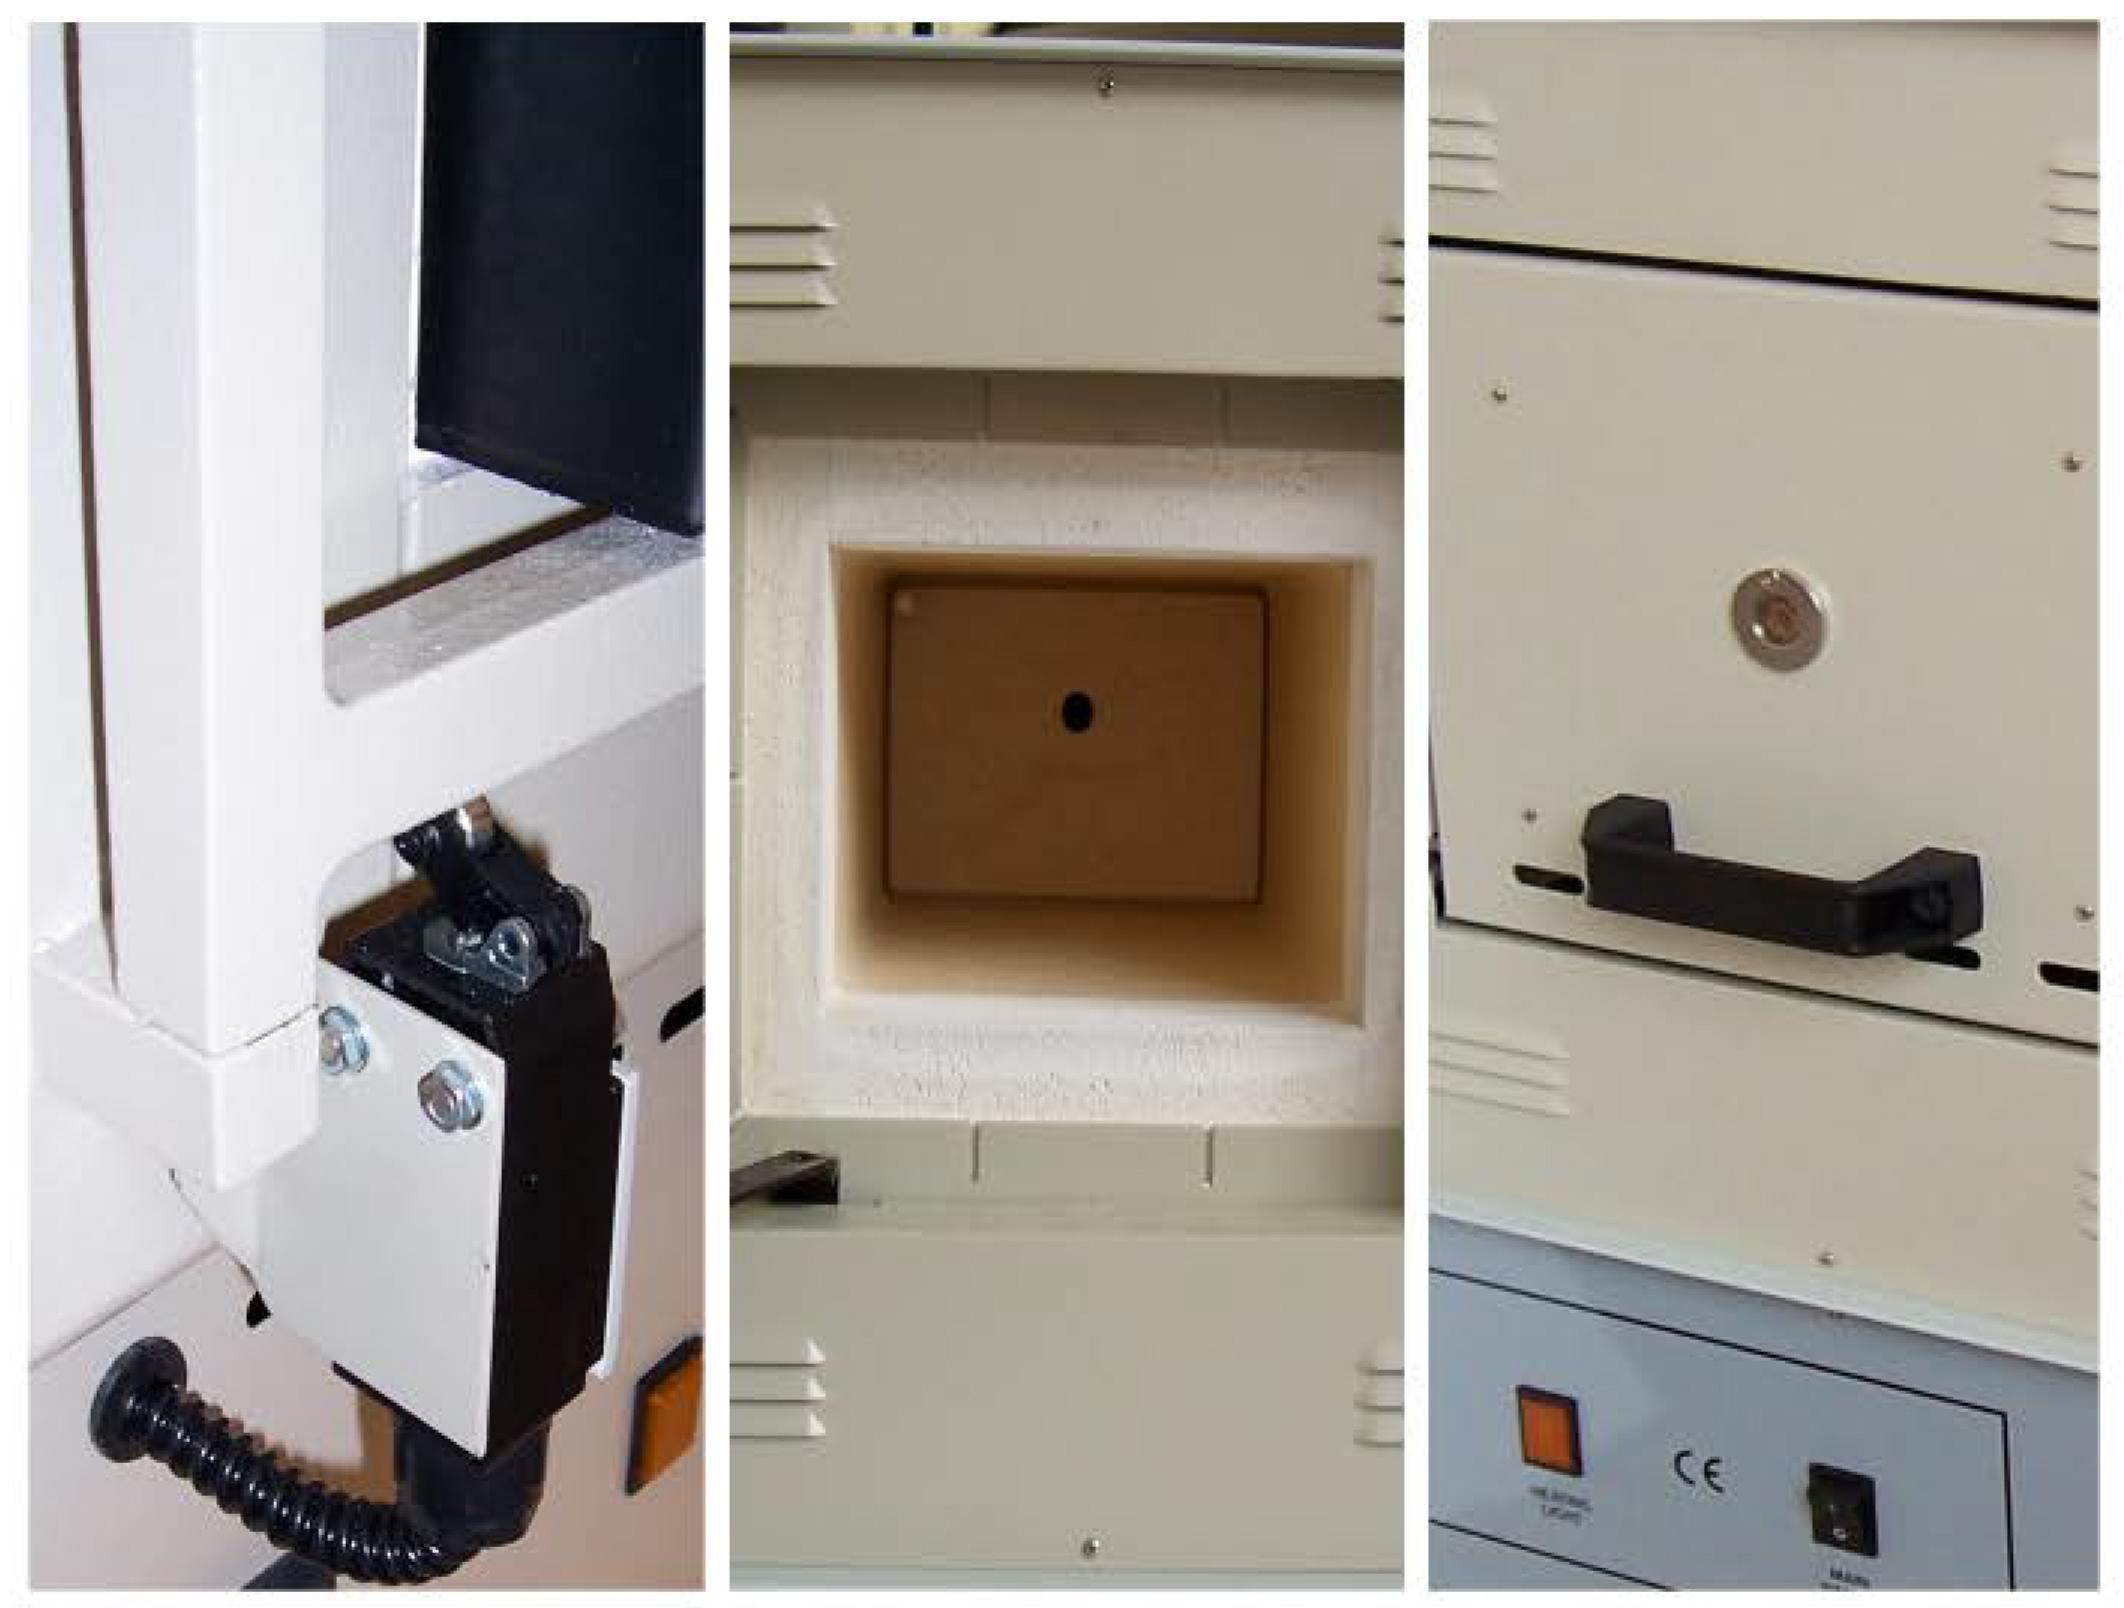 Forni per trattamento termico laboratori e piccole officine